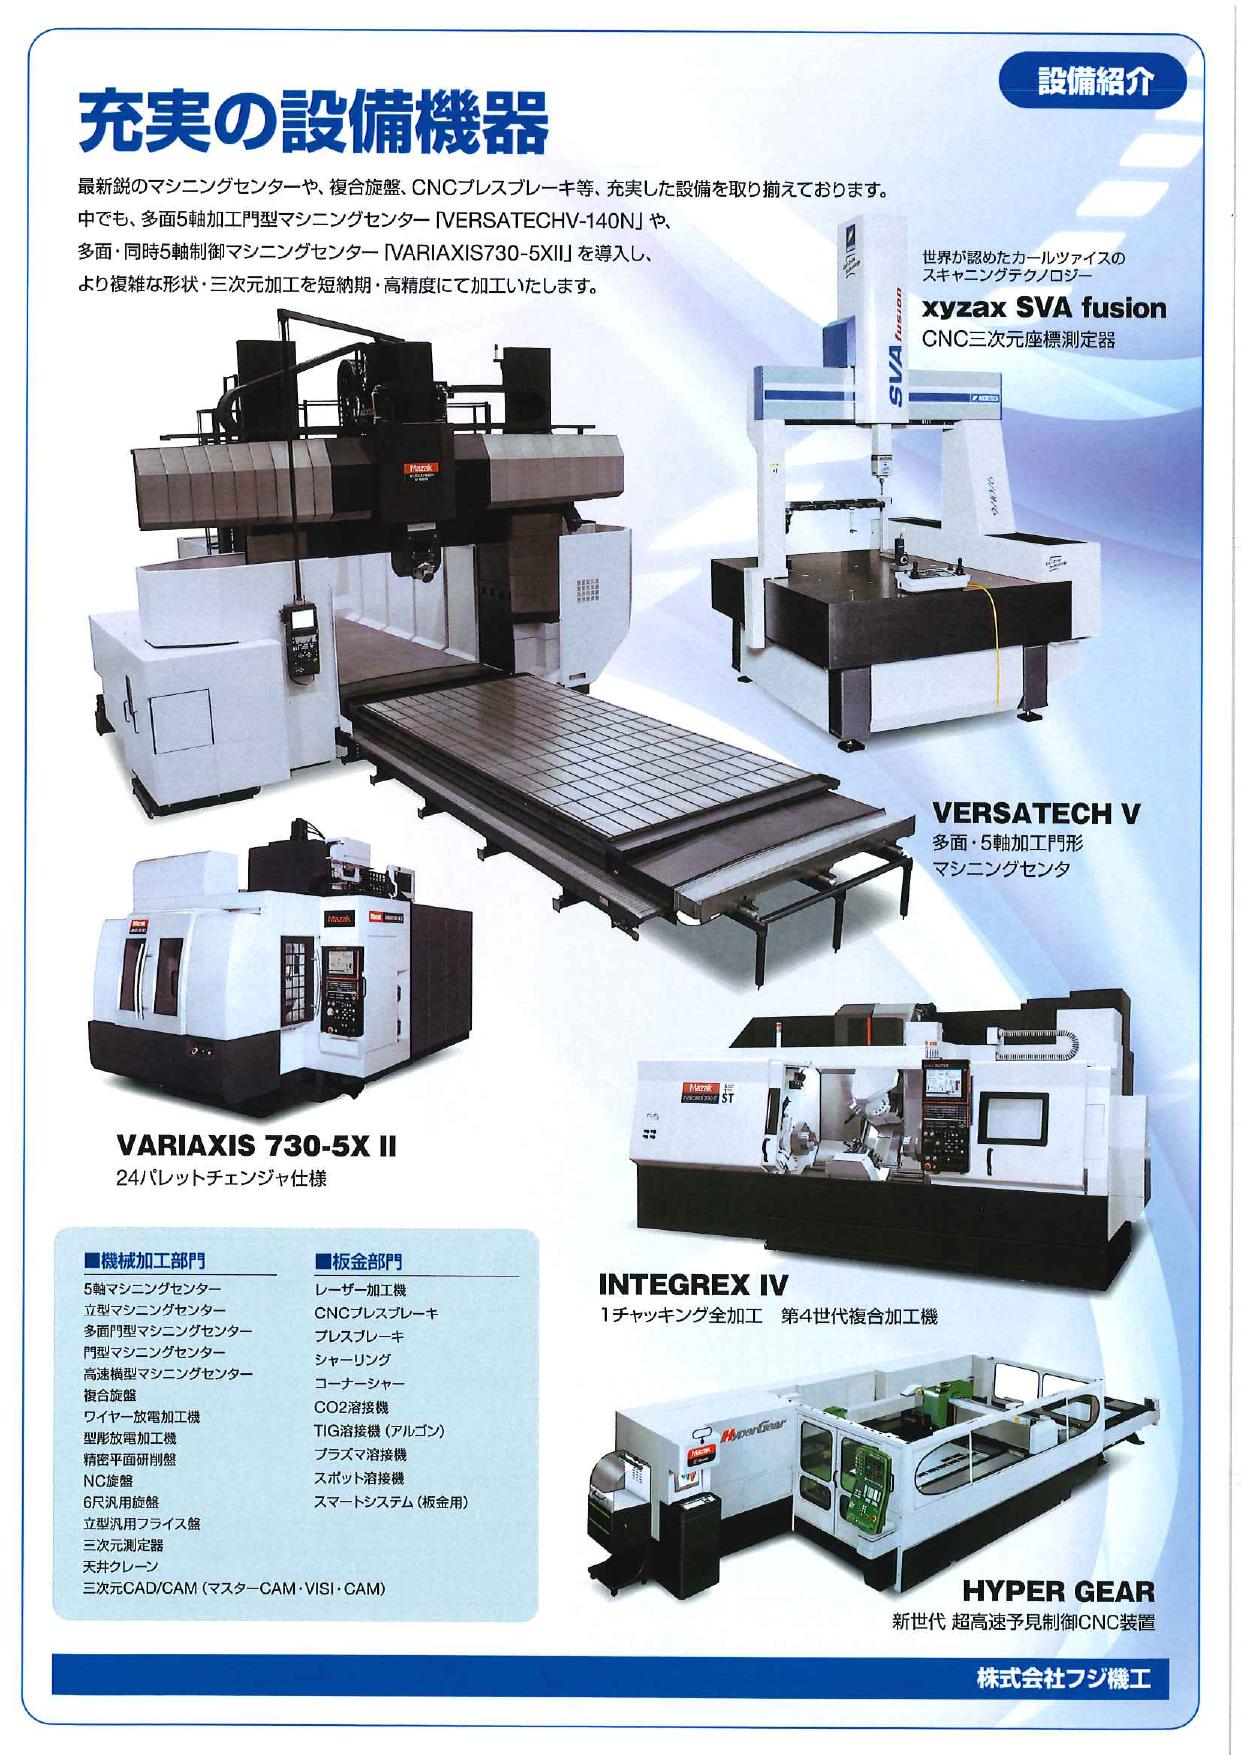 【精密機械・3Dレーザー加工のフジ機工】保有設備及び製品サンプル